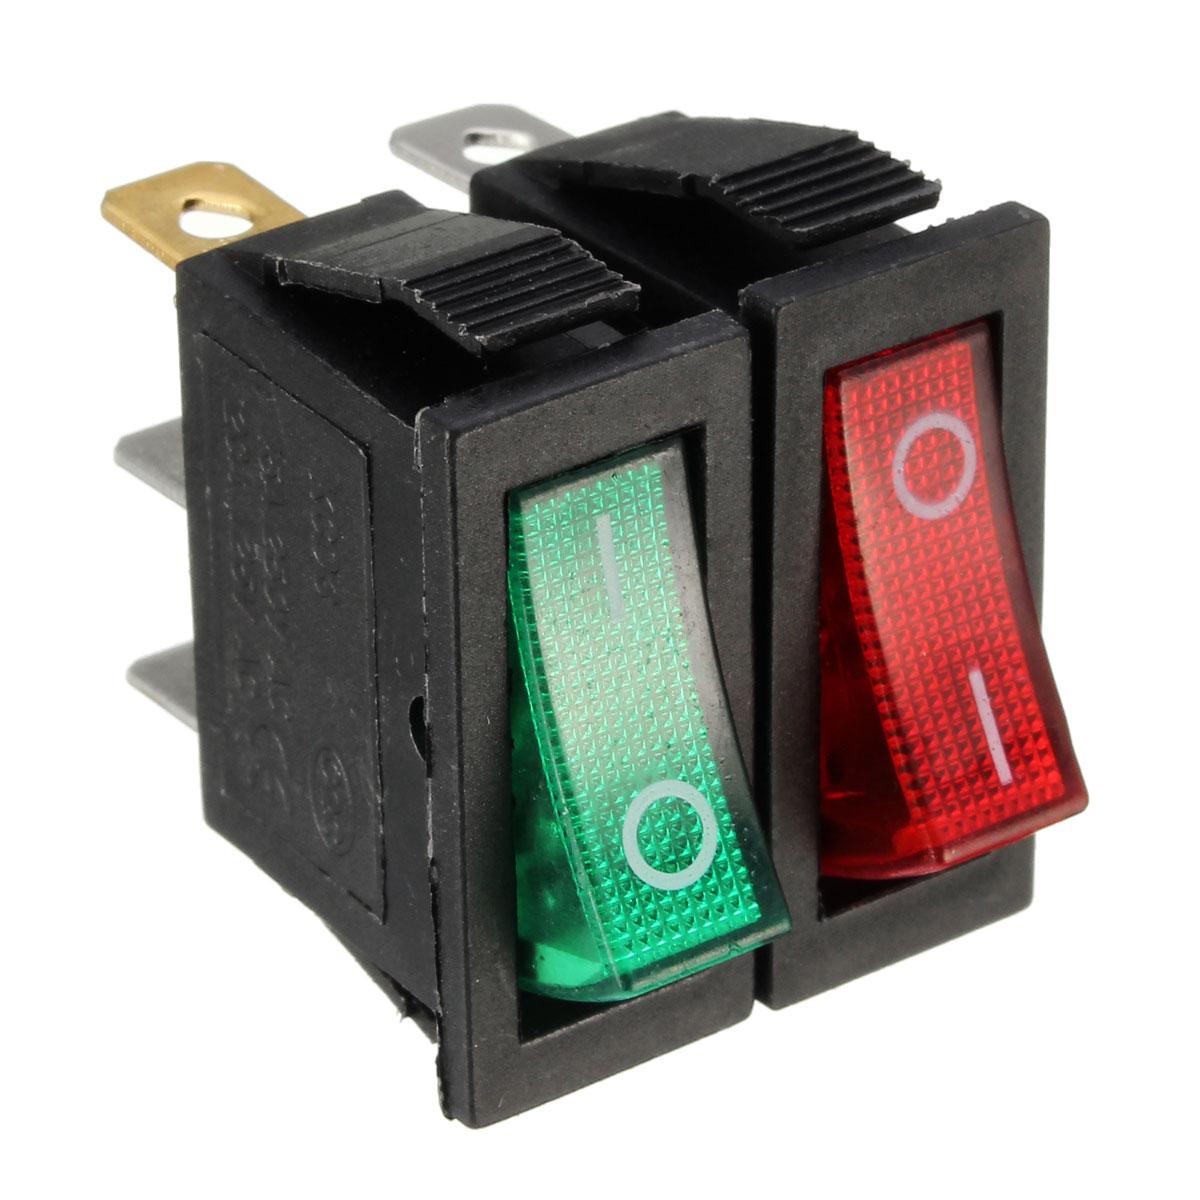 large rectangle rocker switch led lighted car dash boat 3 pin spst 12v alex nld. Black Bedroom Furniture Sets. Home Design Ideas